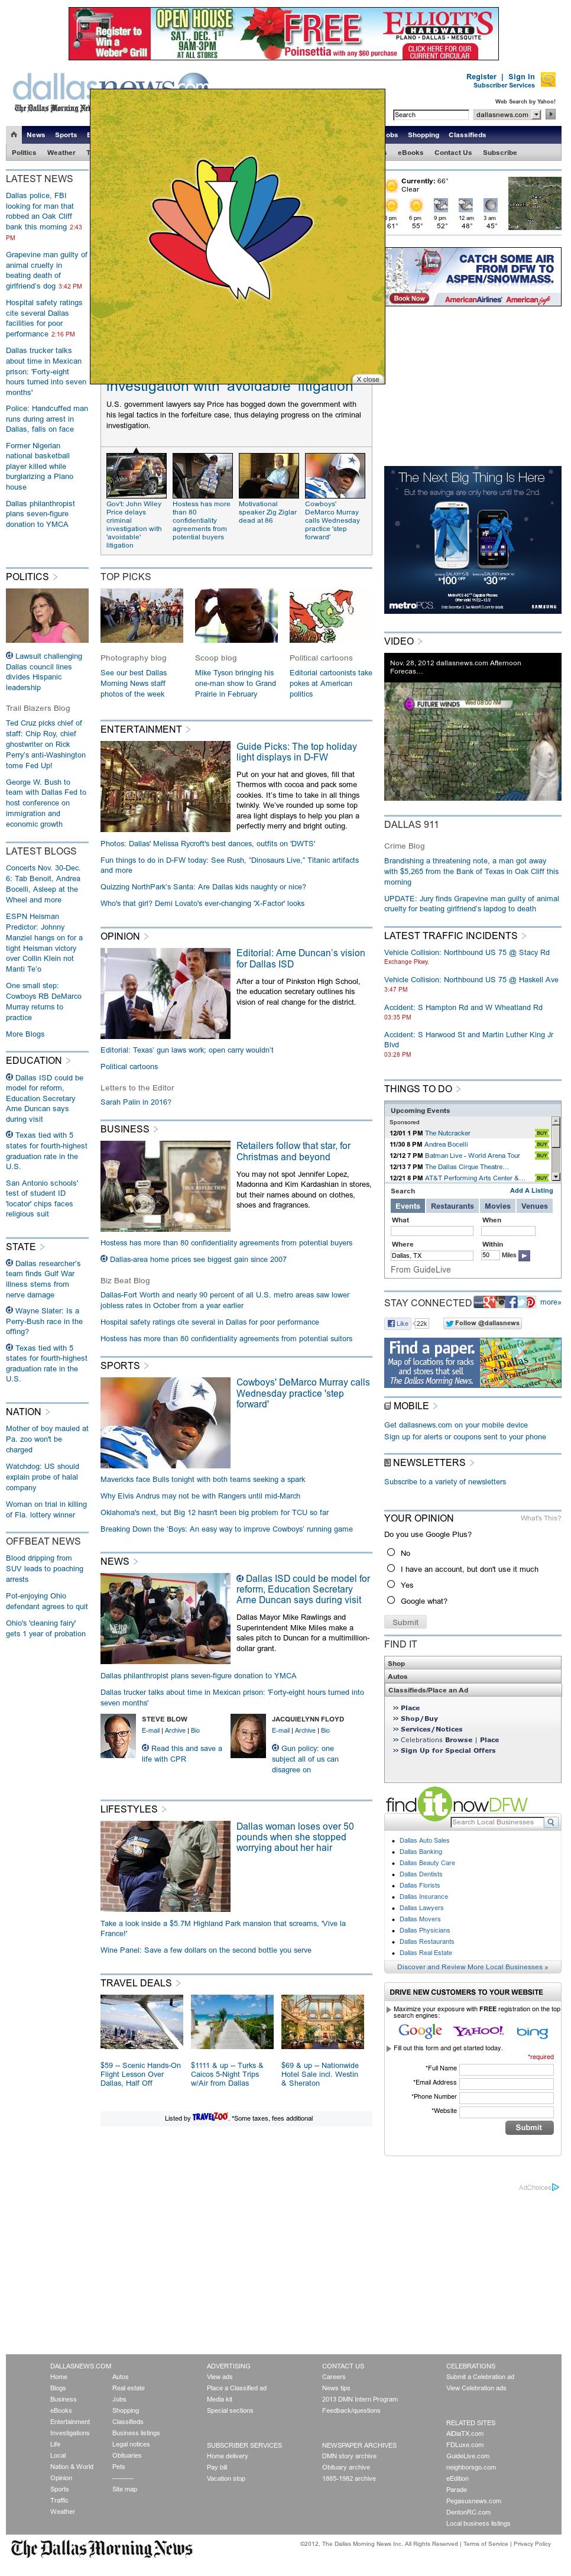 dallasnews.com at Wednesday Nov. 28, 2012, 10:06 p.m. UTC